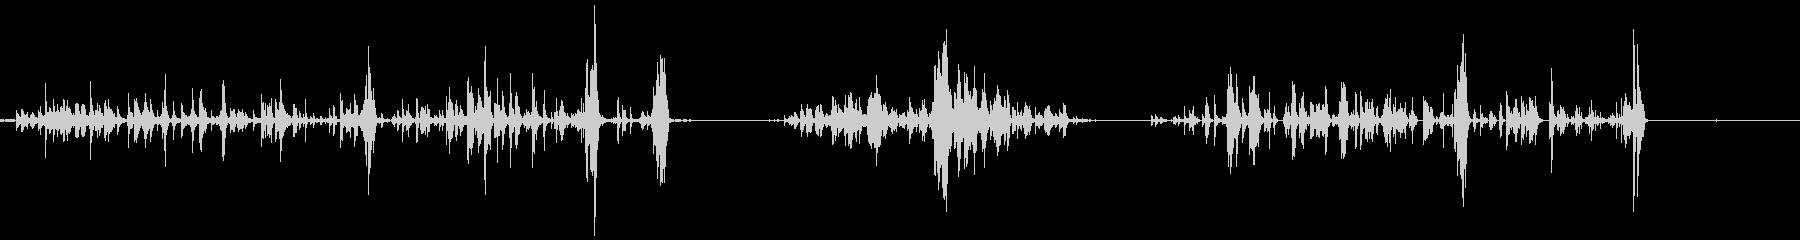 チェーン、ヘビー、スロードロップx3の未再生の波形